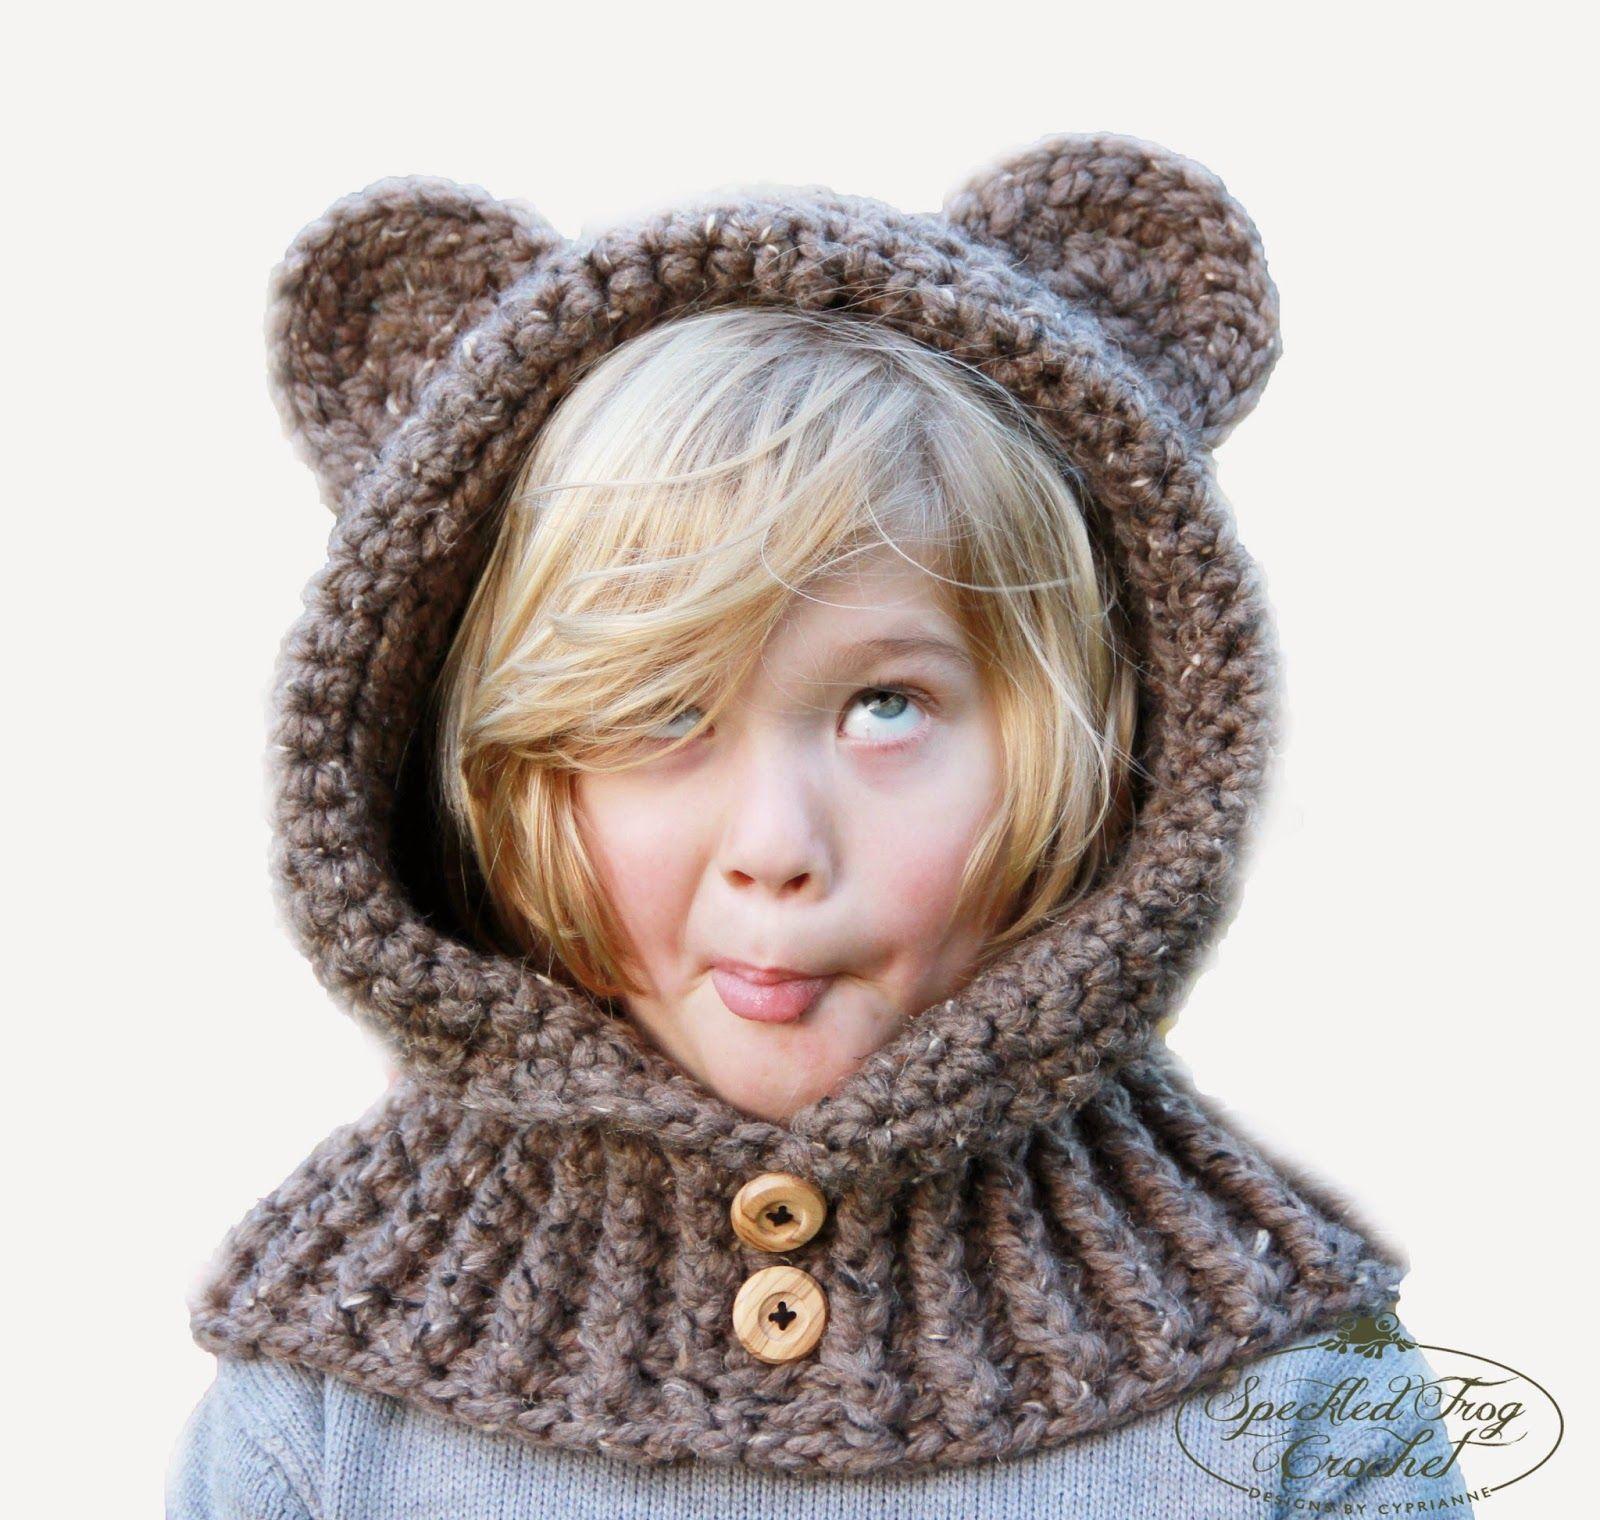 Speckled Frog Crochet: CROCHET HOODED BEAR COWL PATTERN | CHILDREN ...